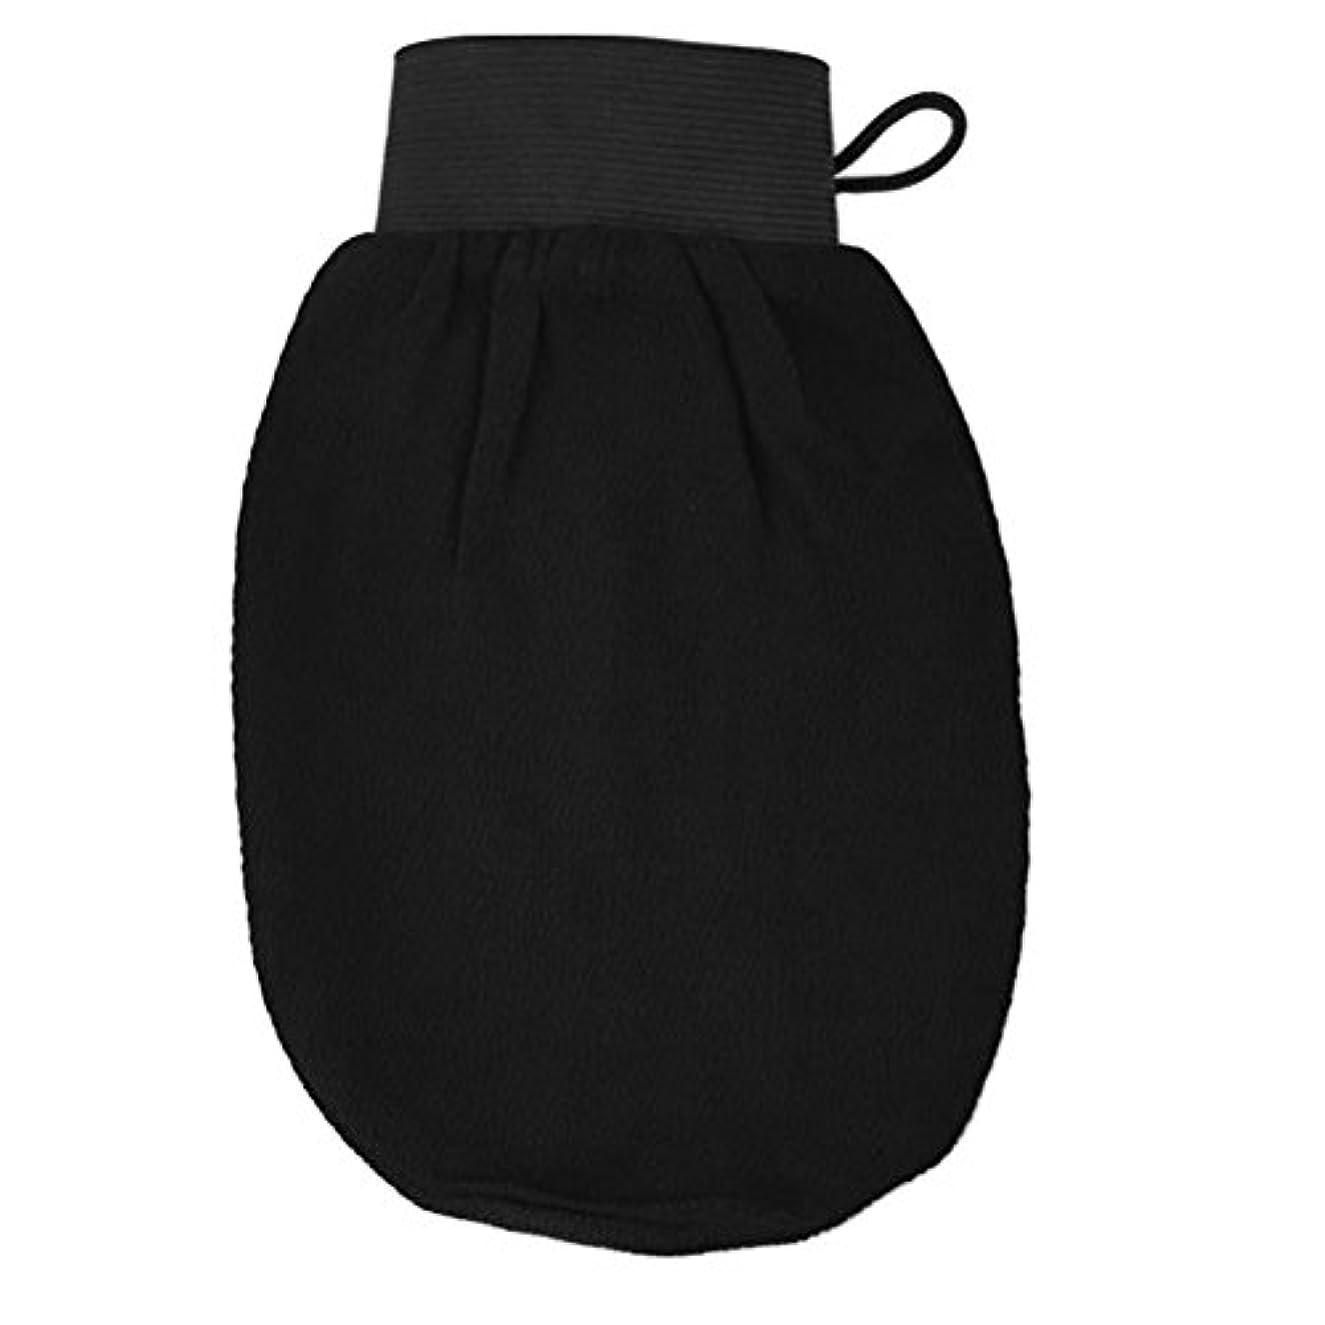 起訴する地下鉄毎日ROSENICE バスグローブ 浴用グローブ 角質取り 泡立ち 垢擦り 手袋 マッサージ ボディウォッシュ シャワー バスルーム 男女兼用 バス用品(ブラック)